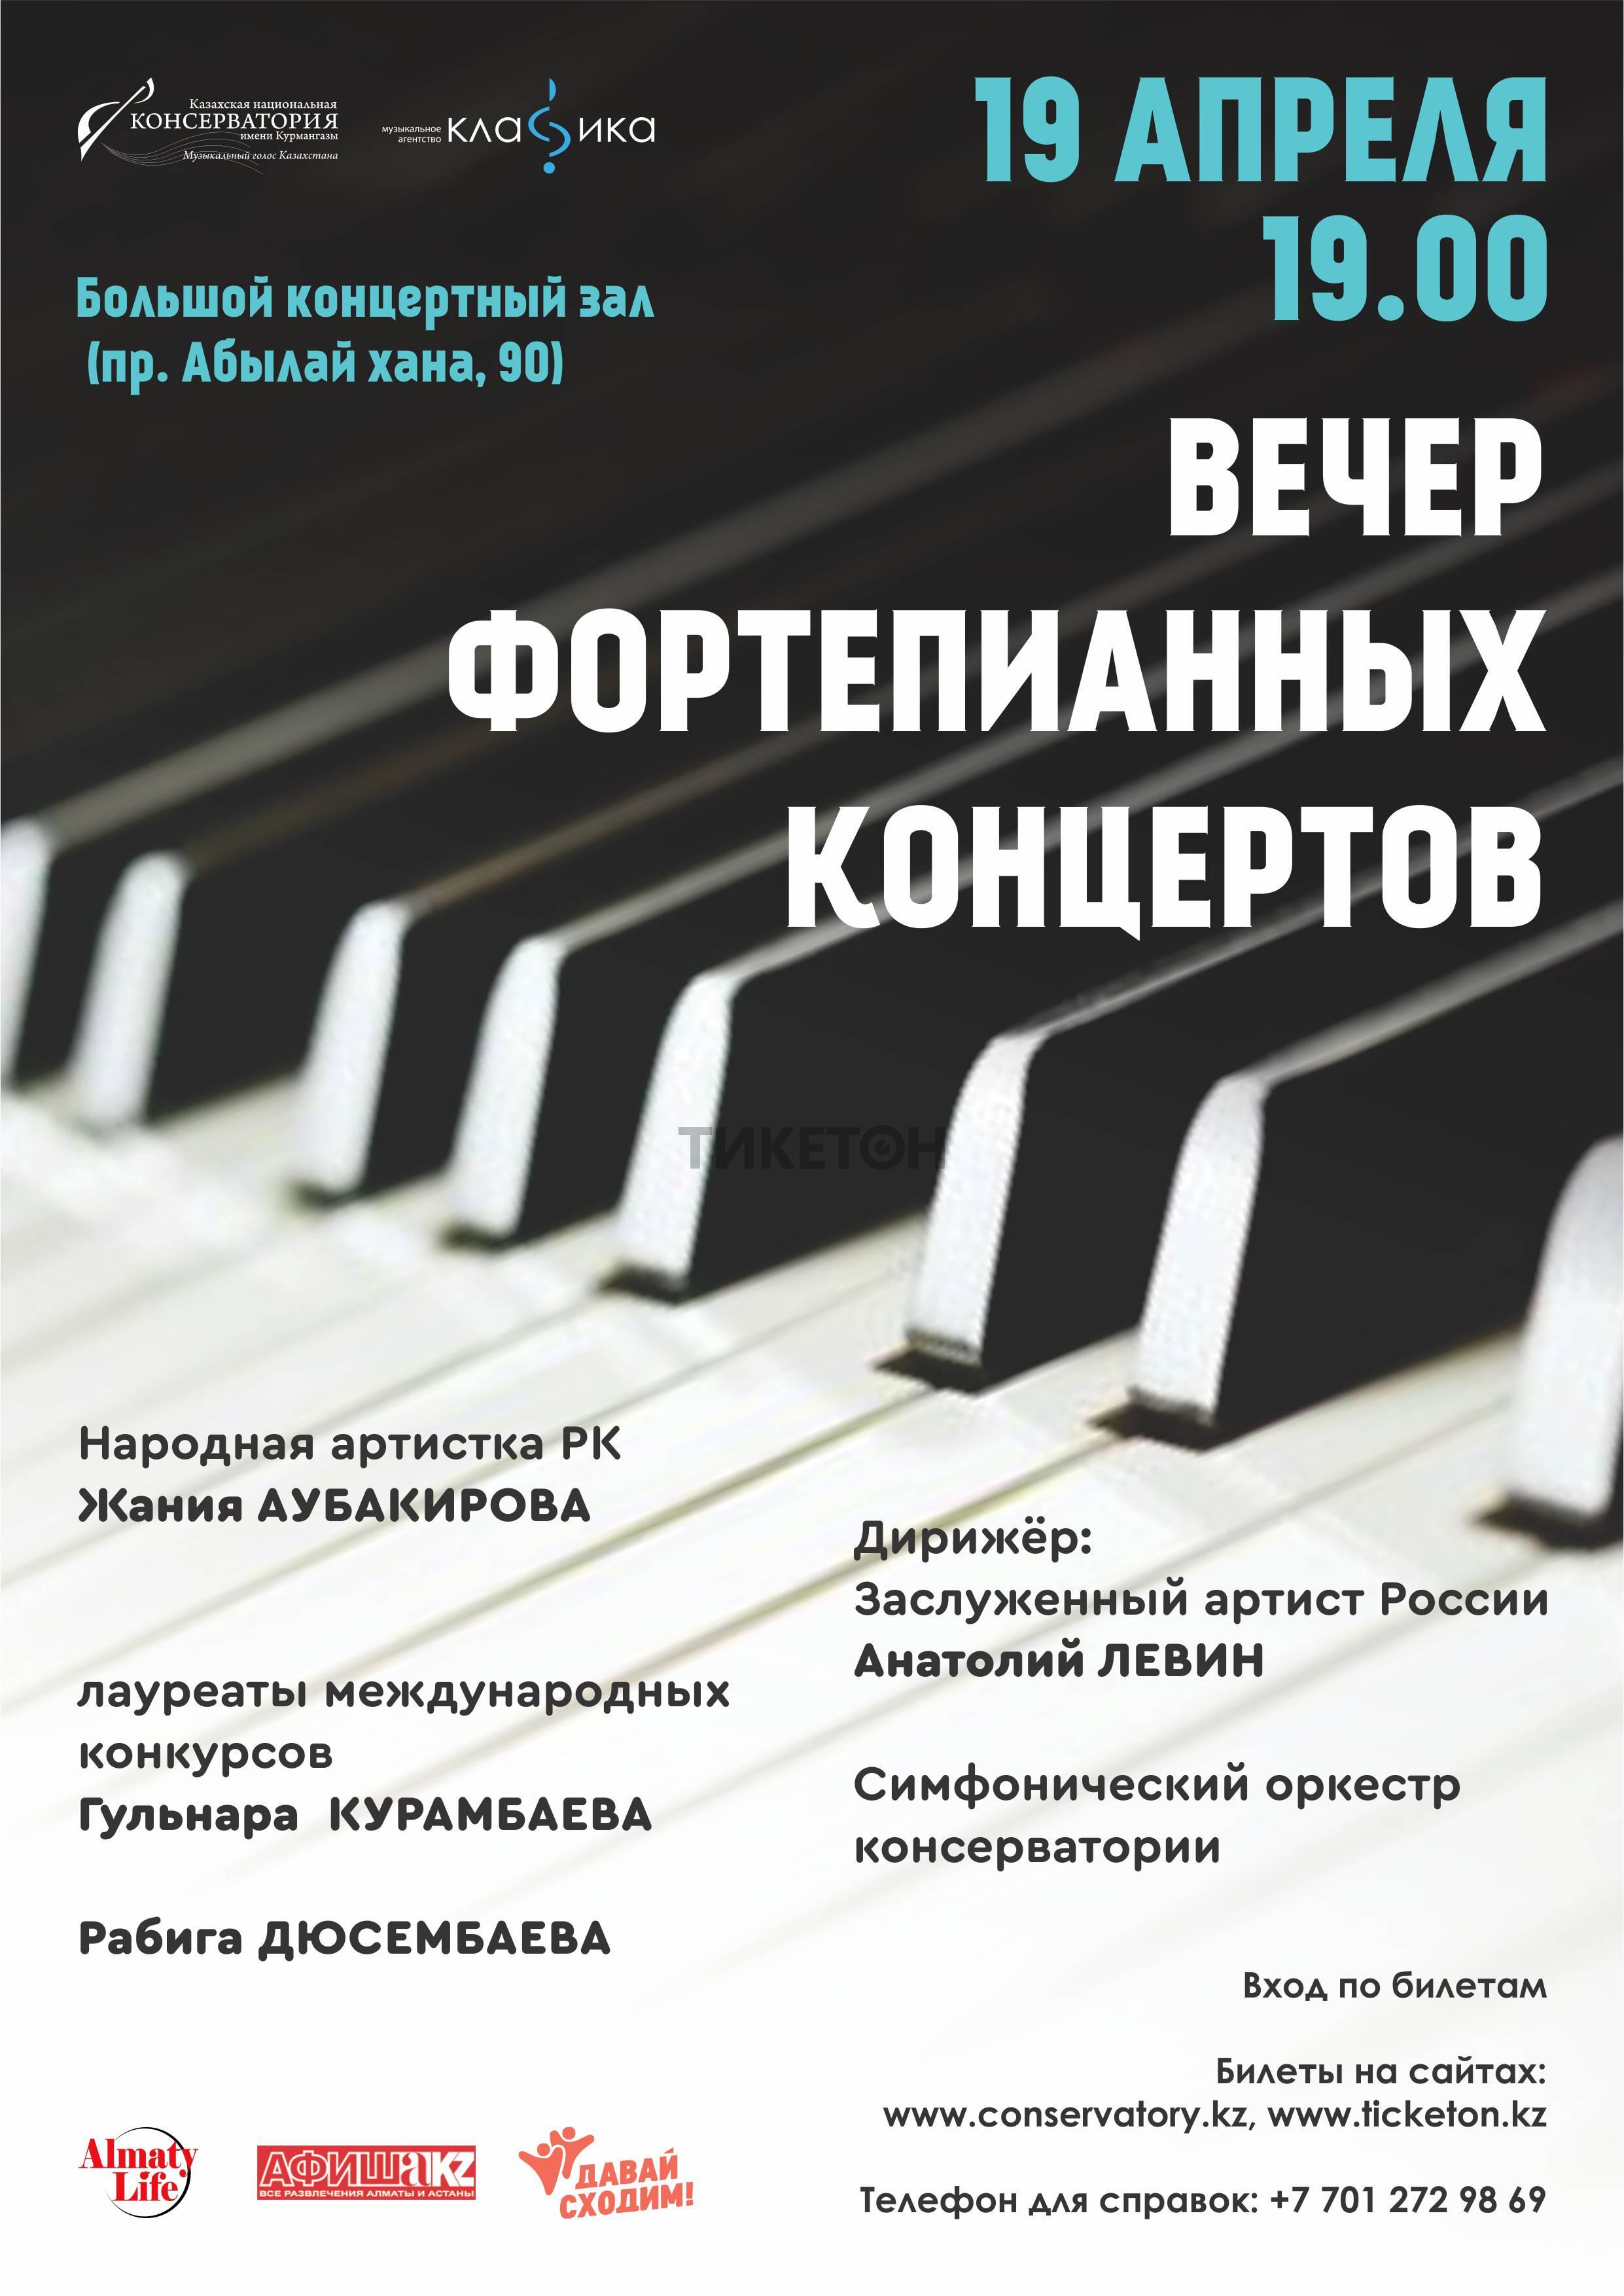 Вечер фортепианных концертов